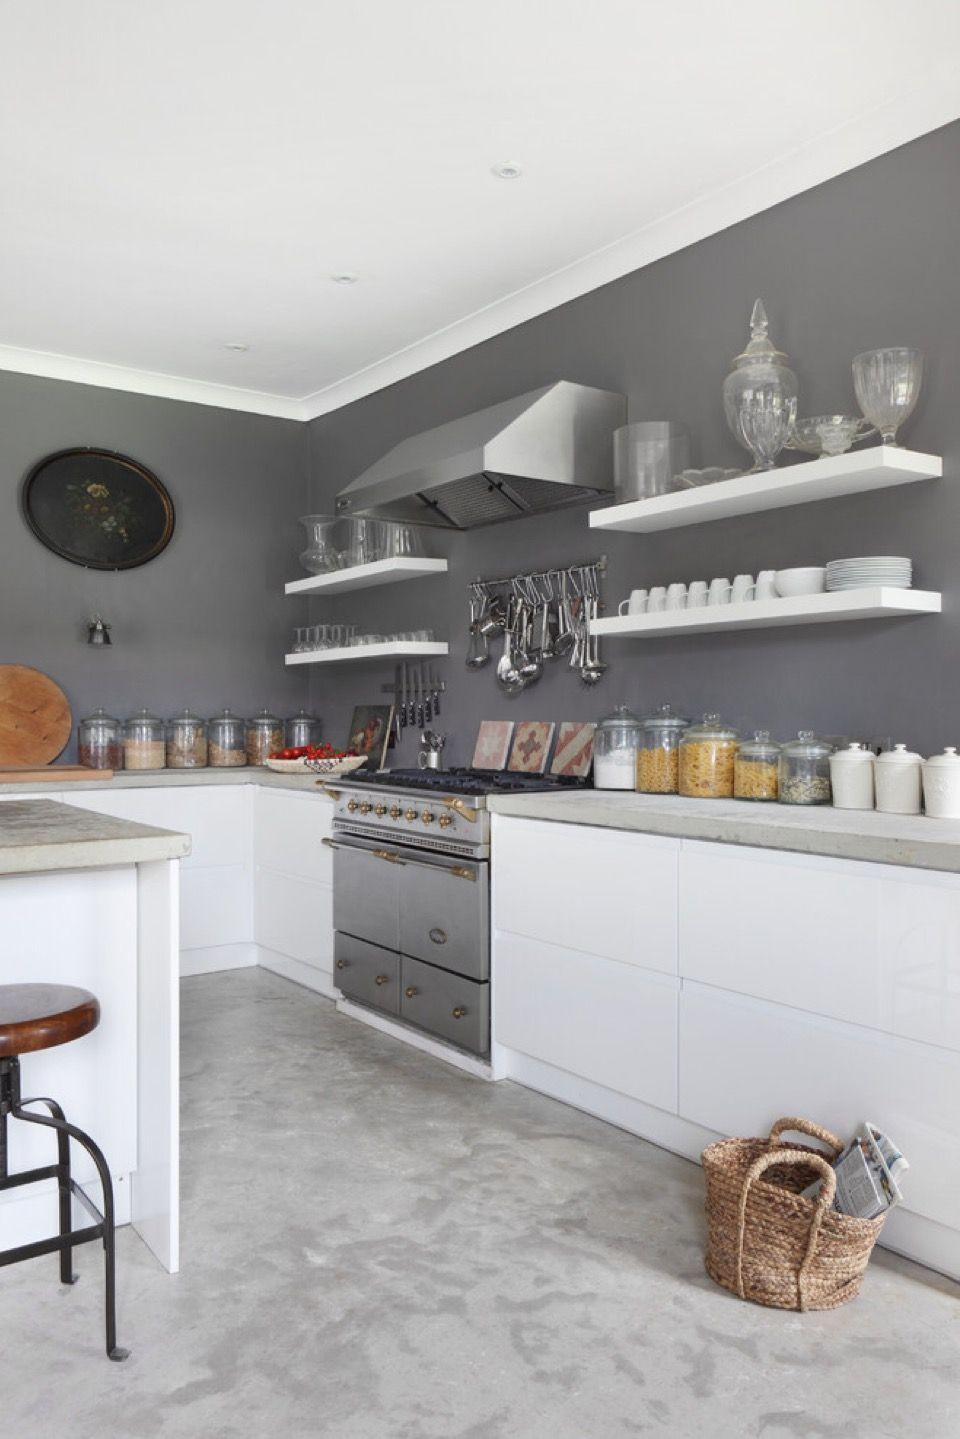 Vernice lavabile fabulous amazing cucina modello atenea rovere sbiancata with pittura lavabile - Pittura per piastrelle cucina ...